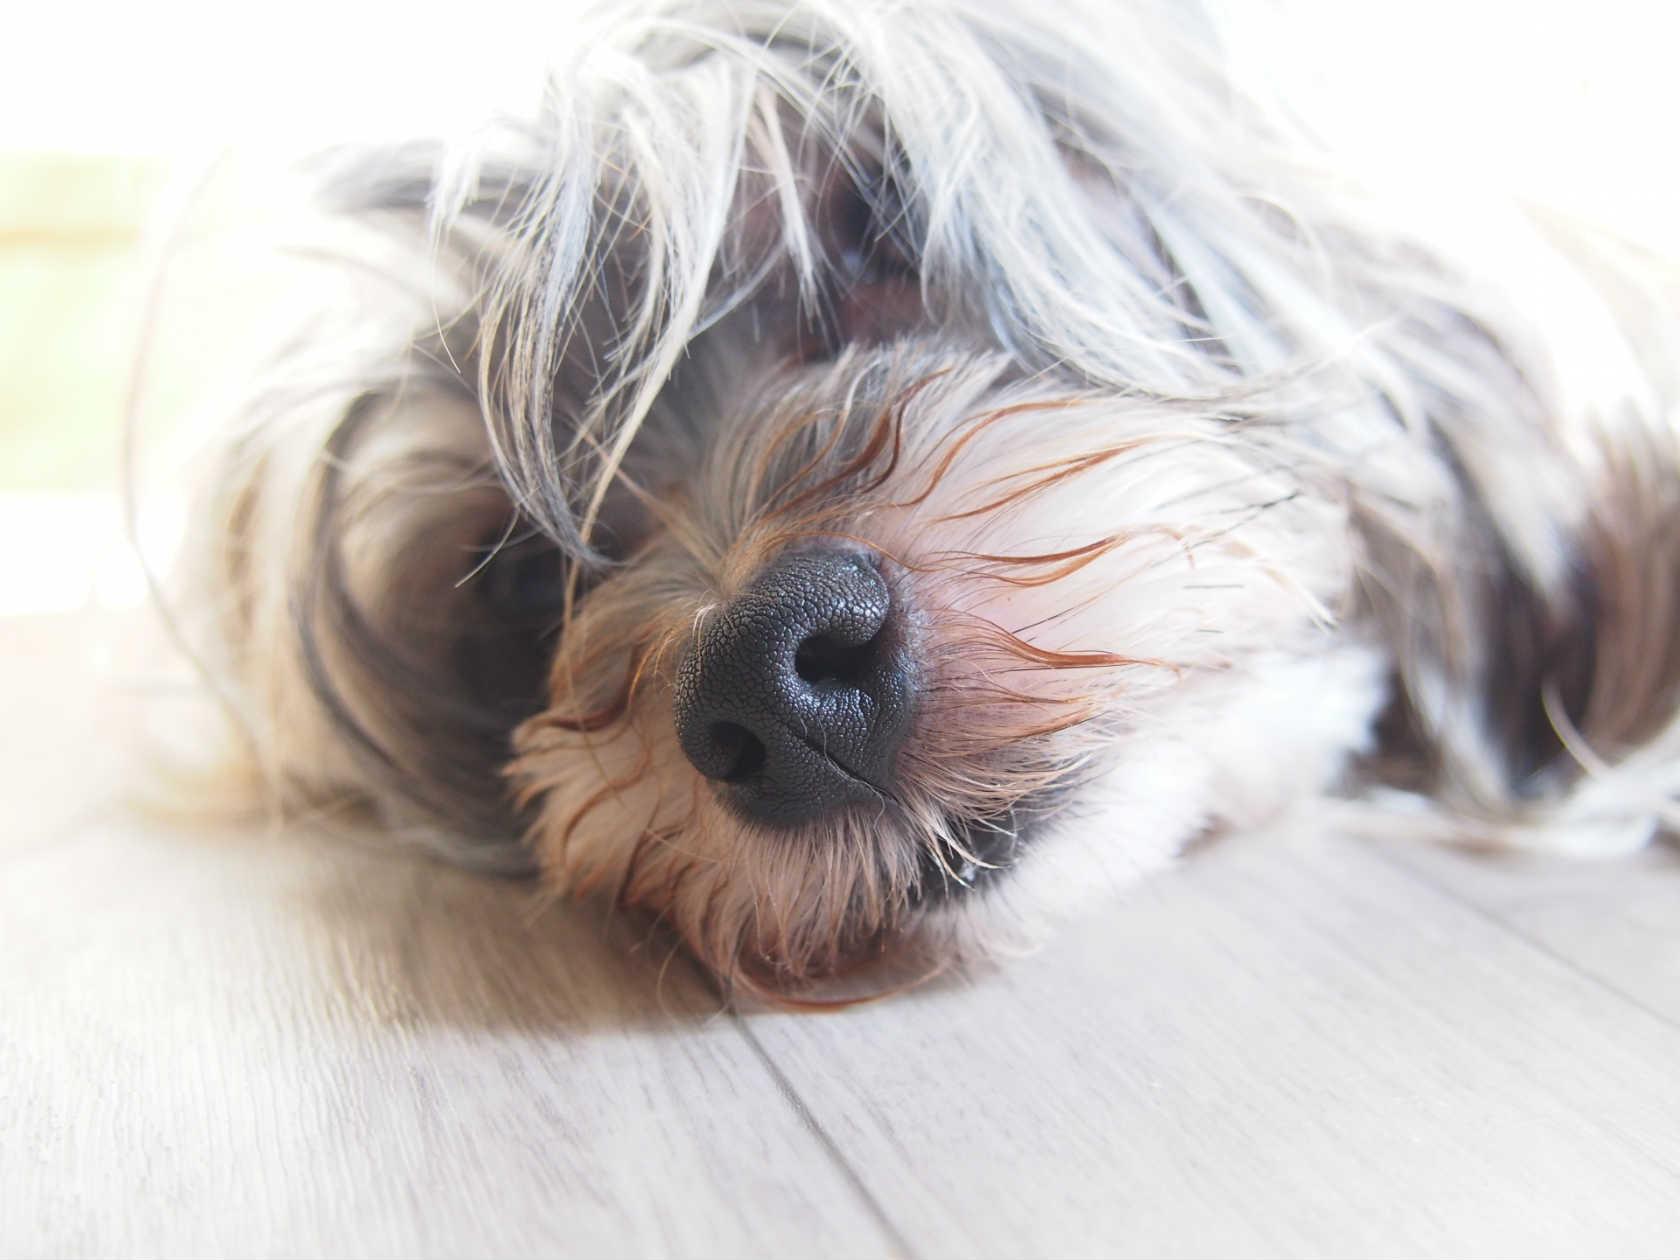 激しい嘔吐が止まらない!犬にも起こる膵炎について